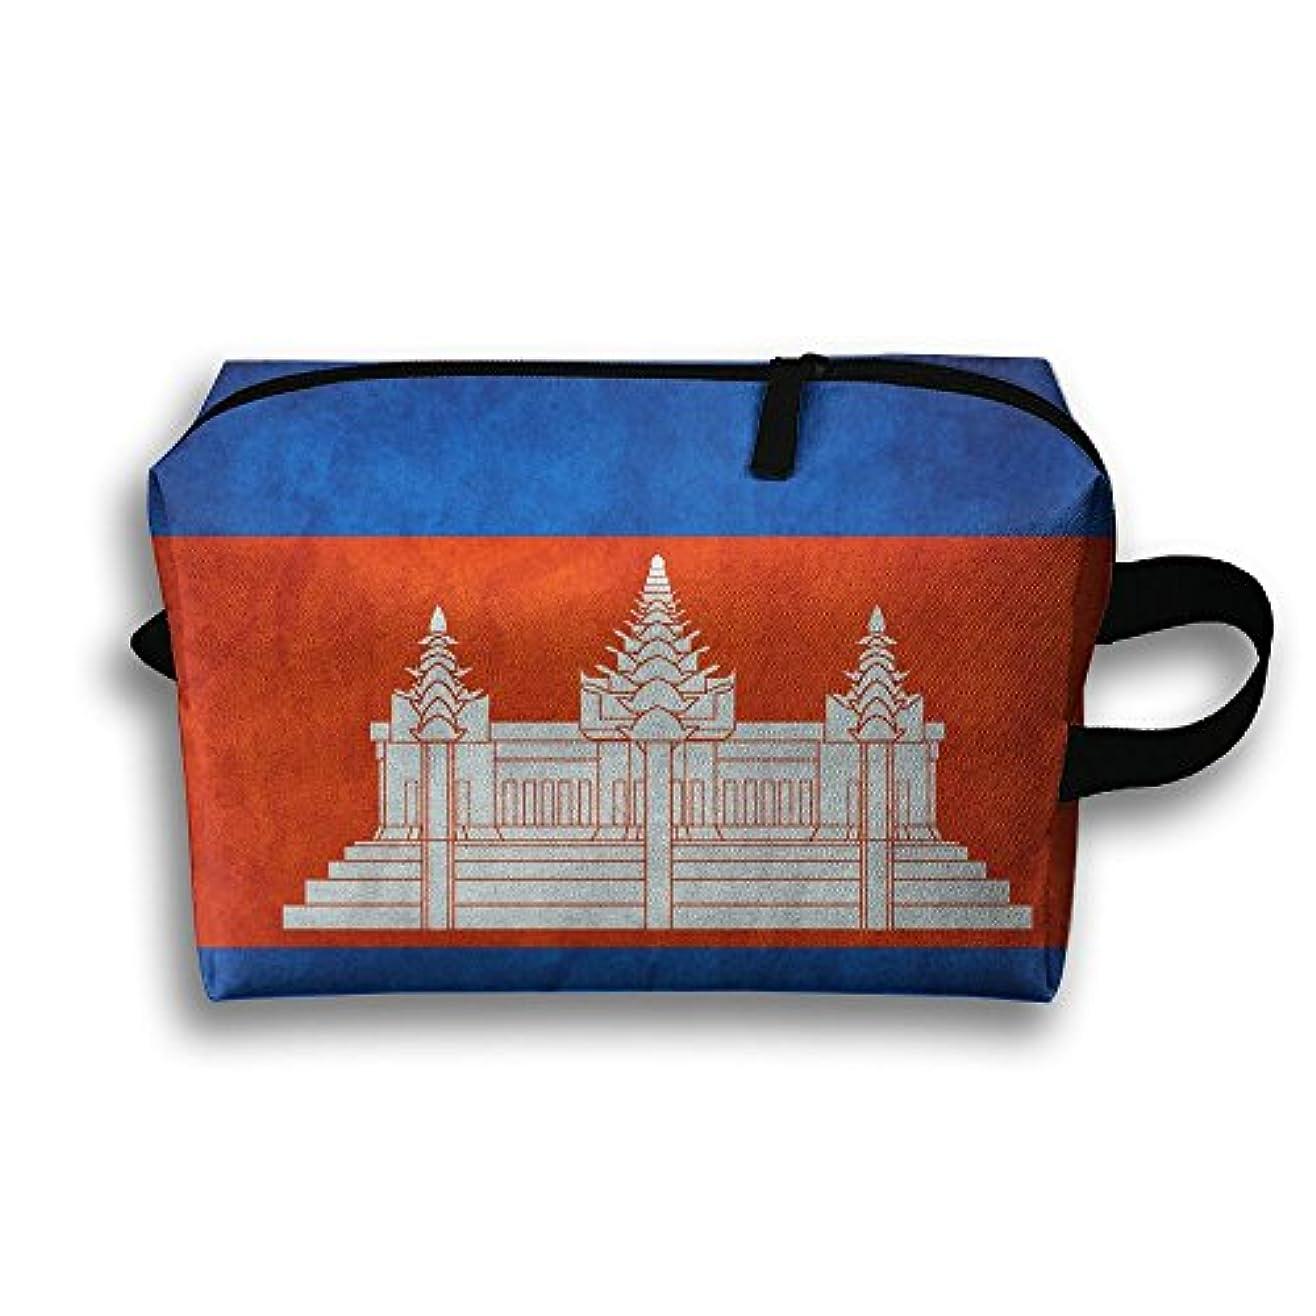 ほのか納税者オーラルポーチ カンボジアの国旗 旅行用化粧品バッグ スマホアクセサリー ホテル PC周辺小物整理 小物入れ 大容量 軽量 収納 White